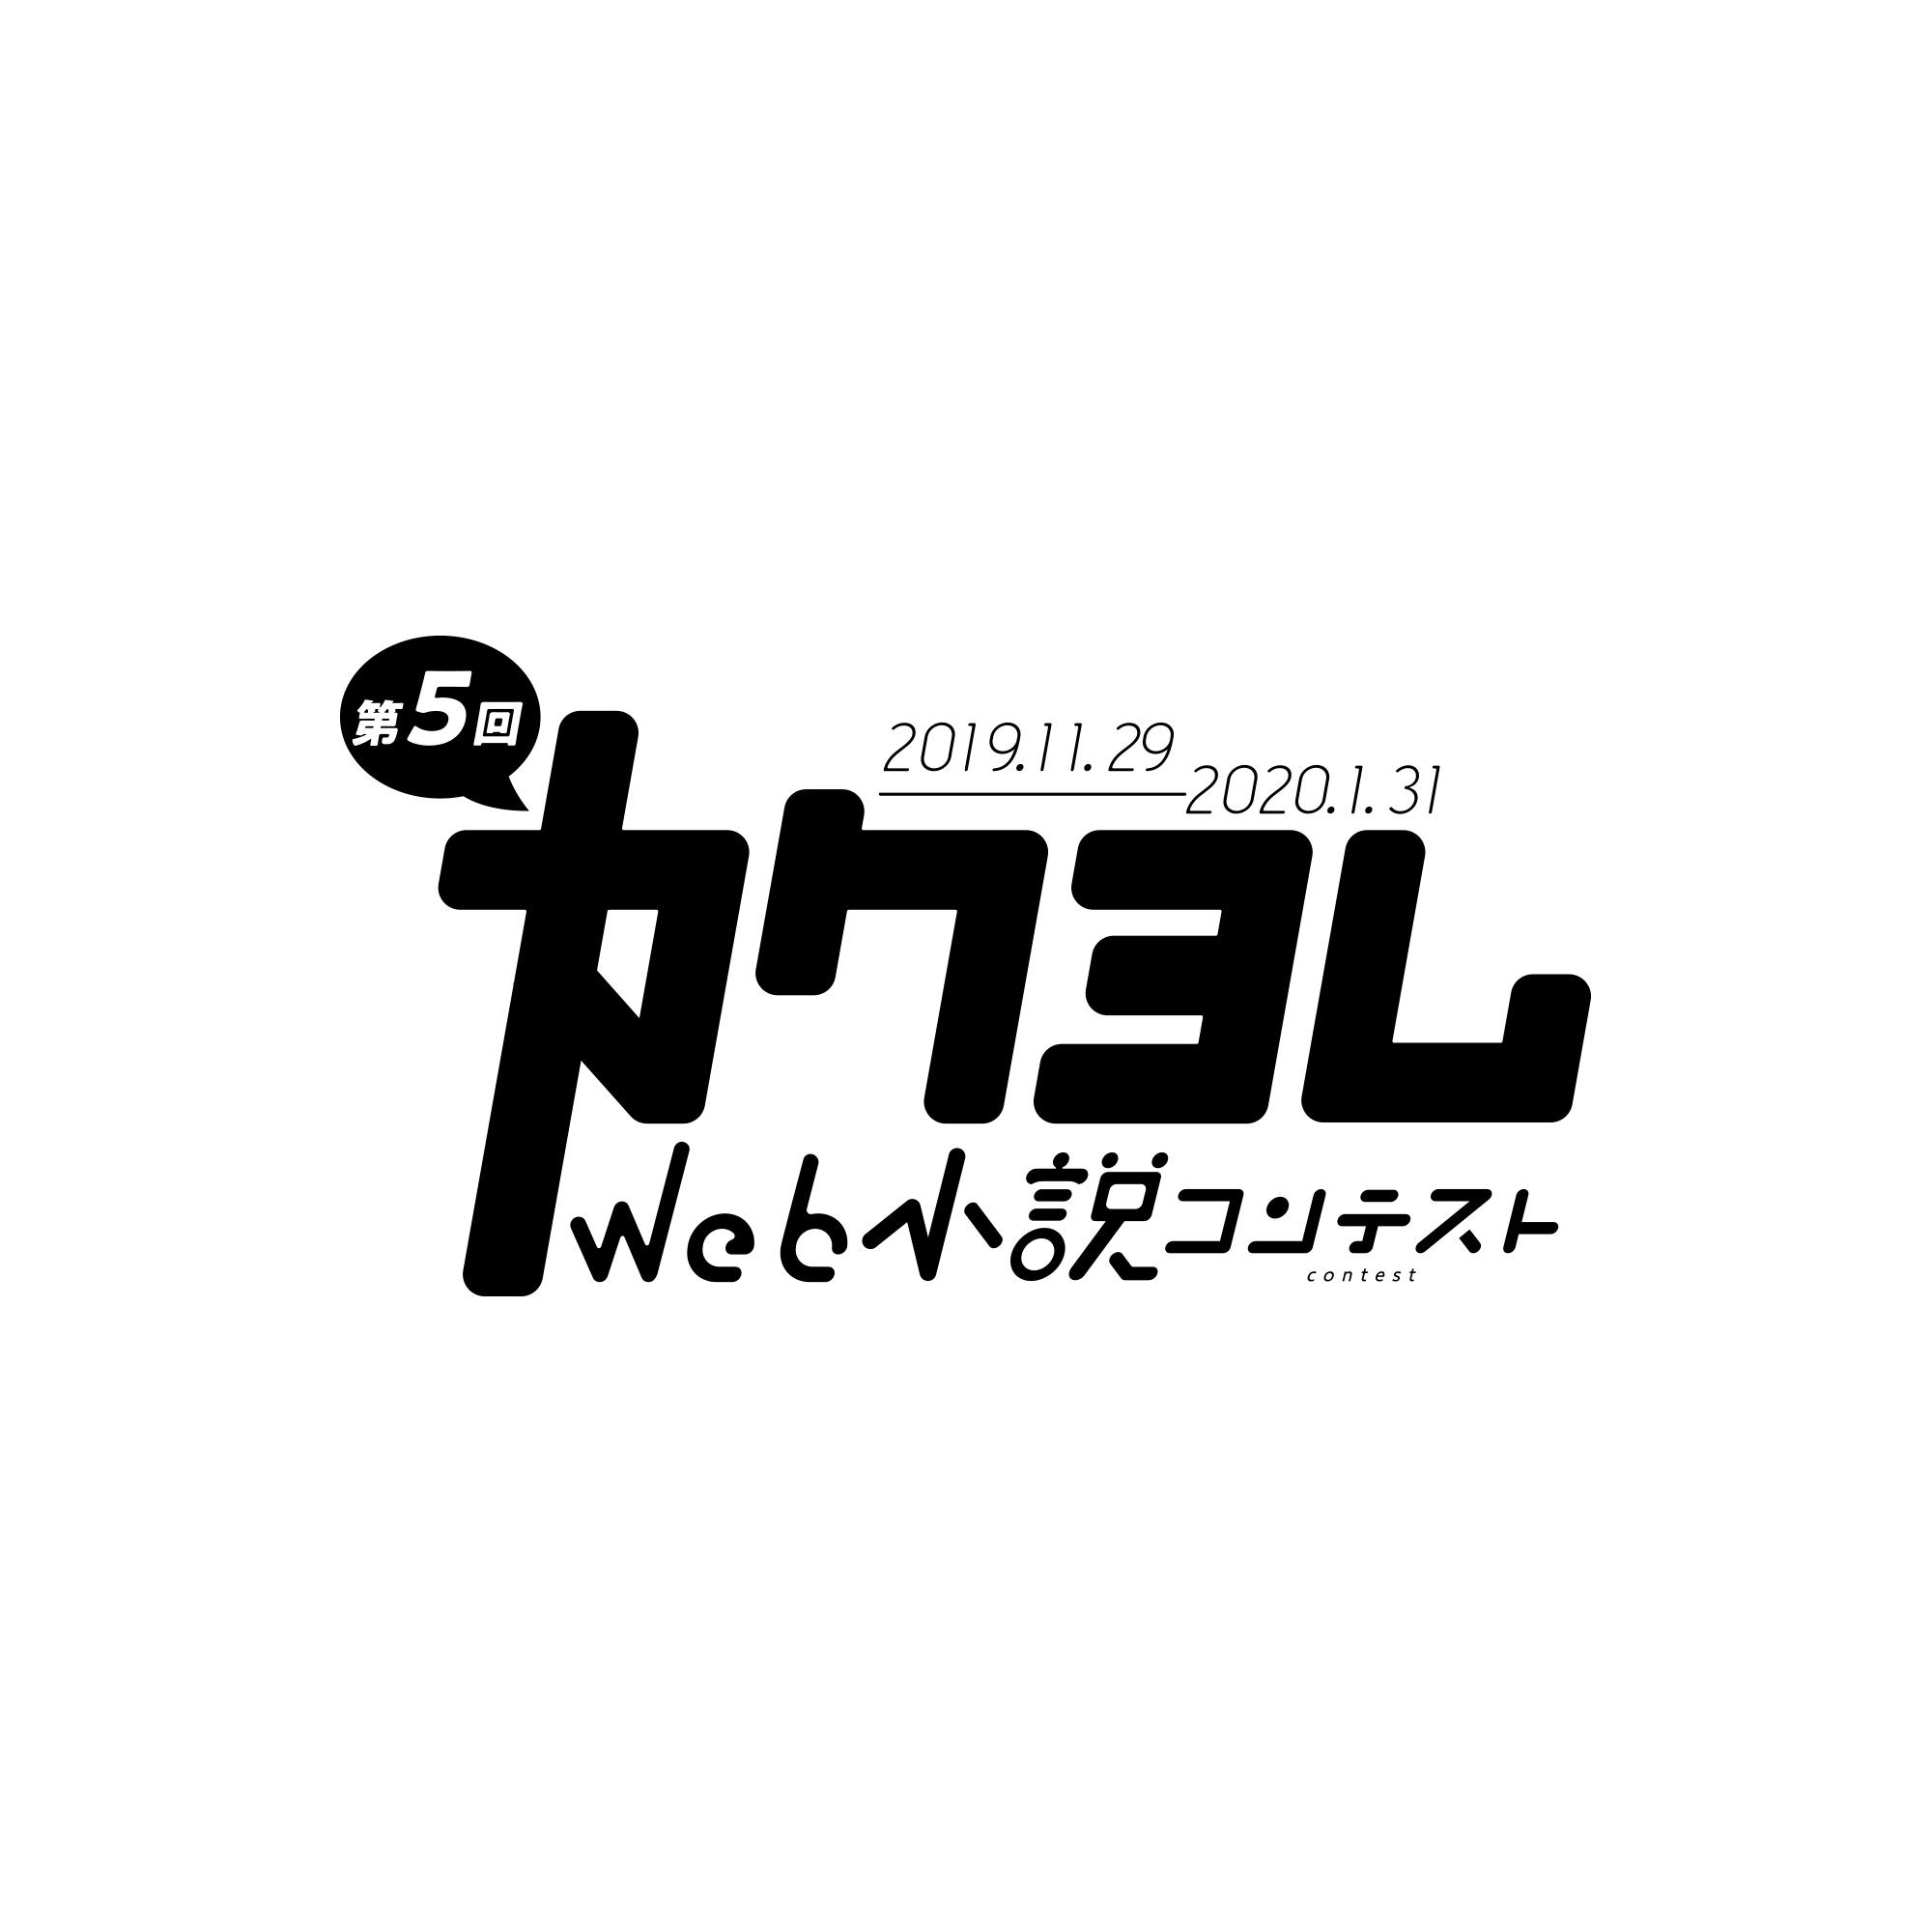 第5回カクヨムWeb小説コンテスト